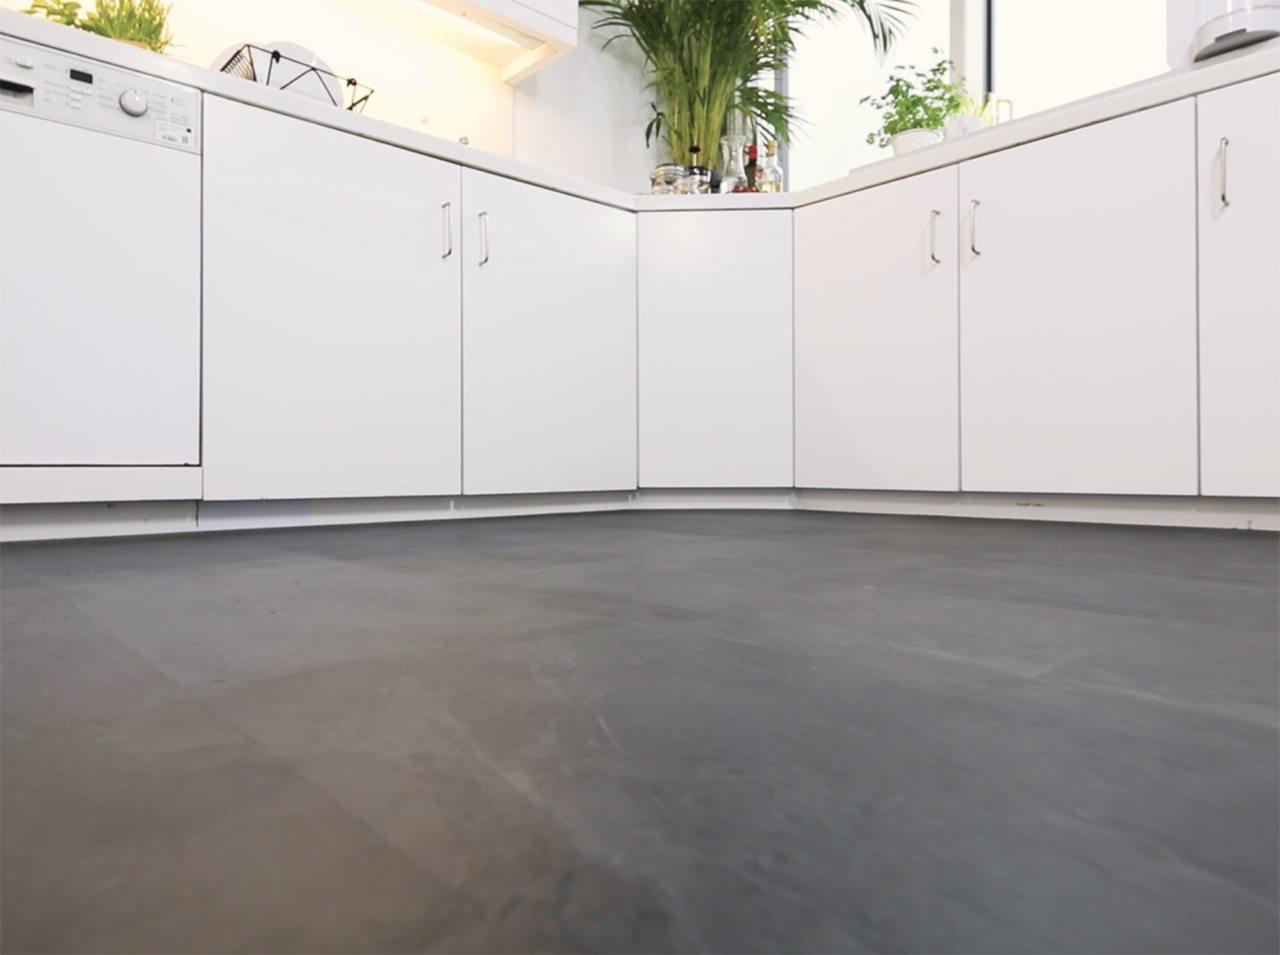 Full Size of Küchenboden Vinyl D C Home 10 Einfache Diy Steps Fr Mehr Raumgefhl In Deiner Kche Vinylboden Wohnzimmer Küche Fürs Bad Im Verlegen Badezimmer Wohnzimmer Küchenboden Vinyl